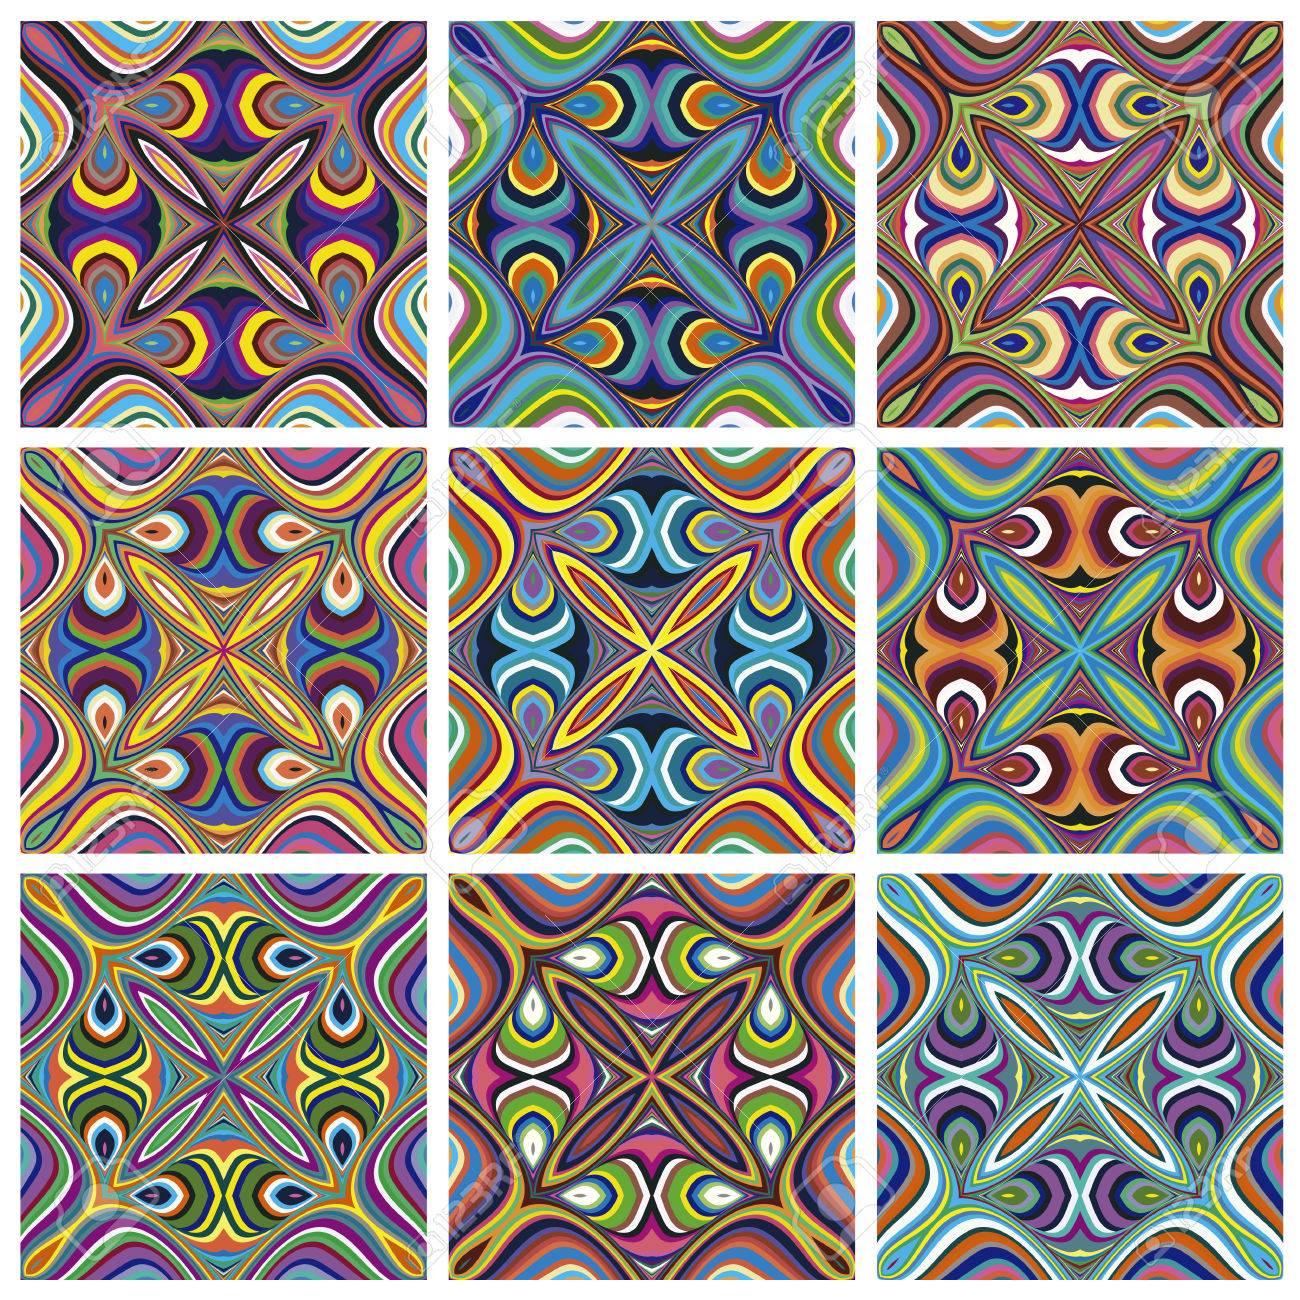 Ethno Muster ethno-muster nahtlose texturen mit spirituellen symbolen aus der